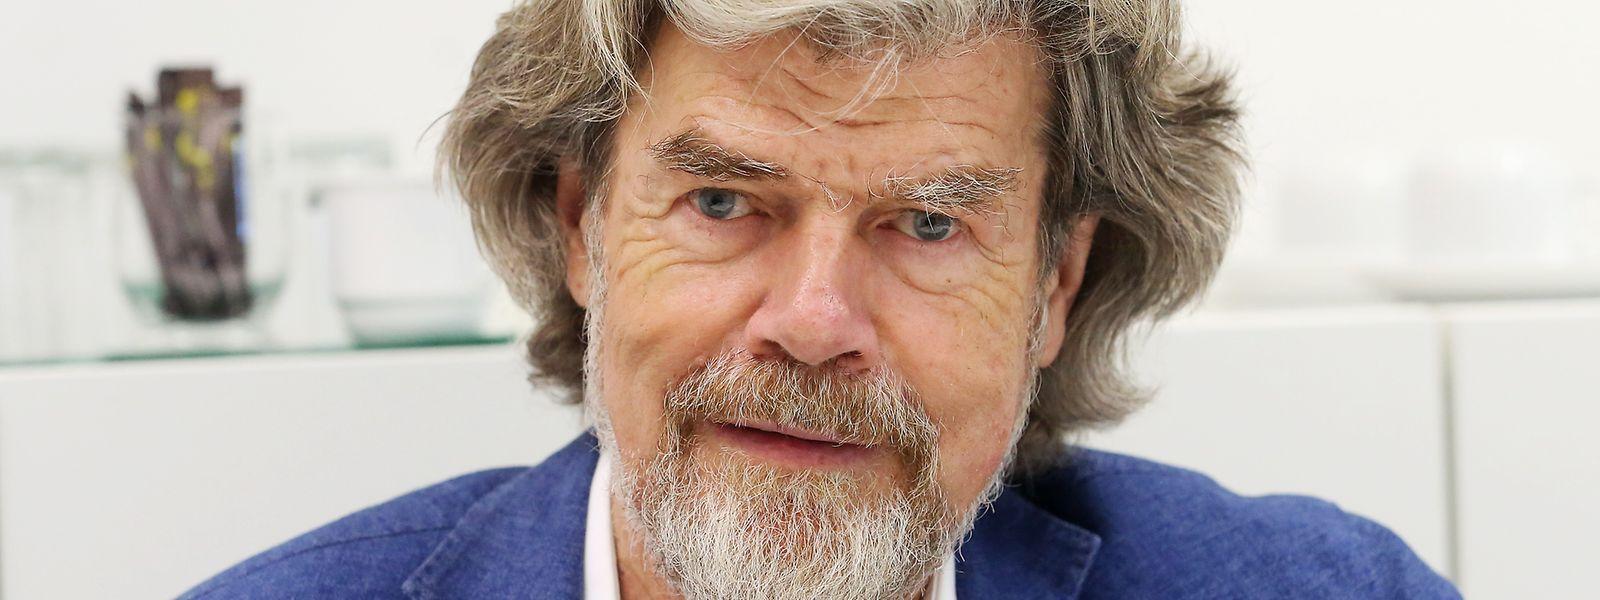 Der Südtiroler Bergsteiger Reinhold Messner hat zum dritten Mal geheiratet. Seine Partnerin stammt aus dem Großherzogtum.